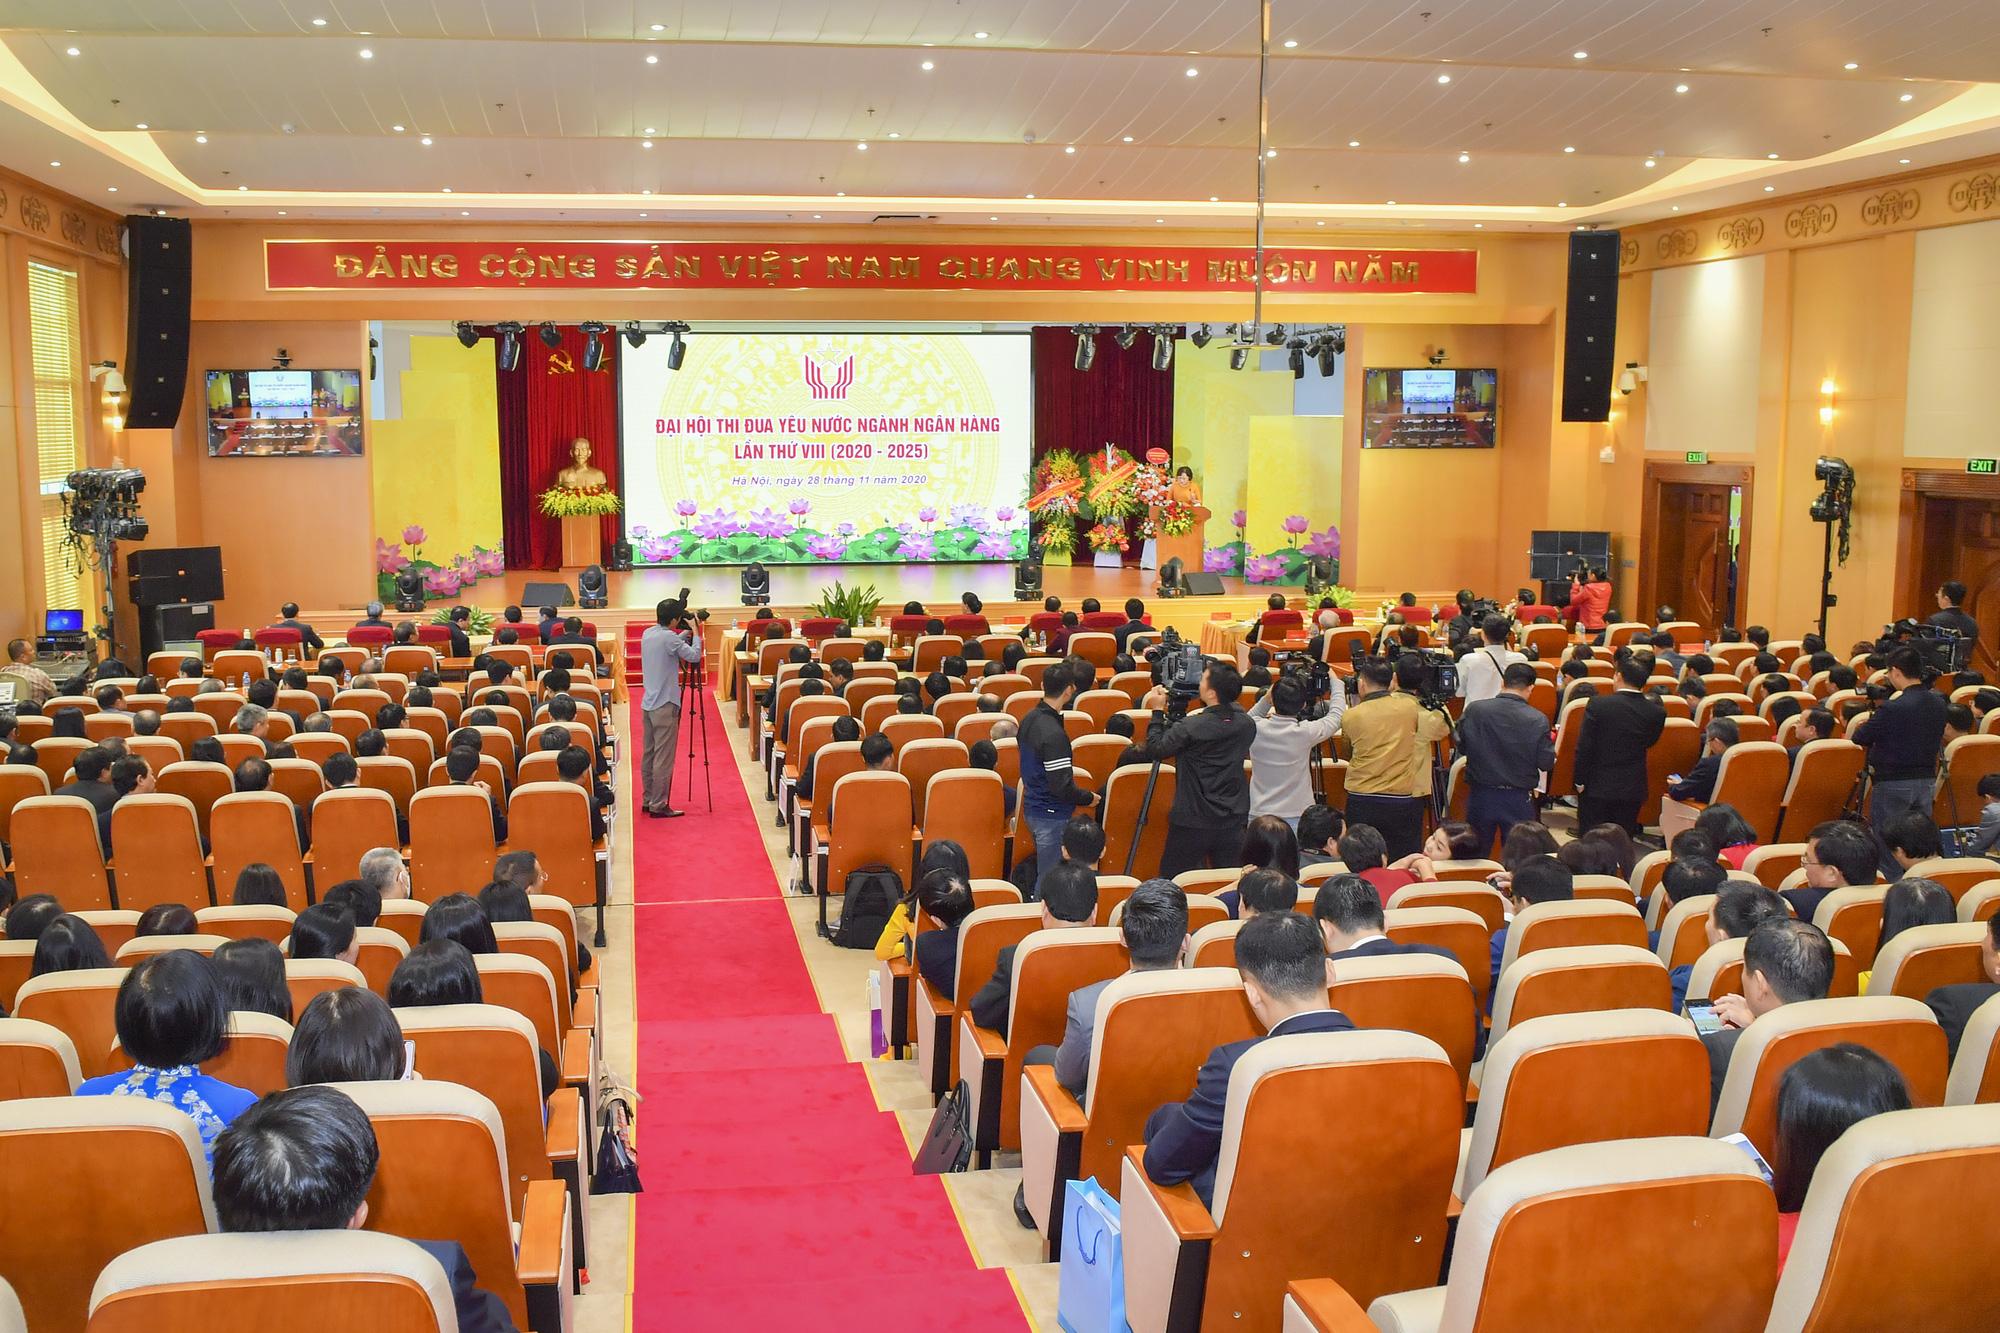 """Chủ tịch Quốc hội Nguyễn Thị Kim Ngân: """"Nhiệm vụ của ngành ngân hàng còn rất nặng nề"""" - Ảnh 1."""